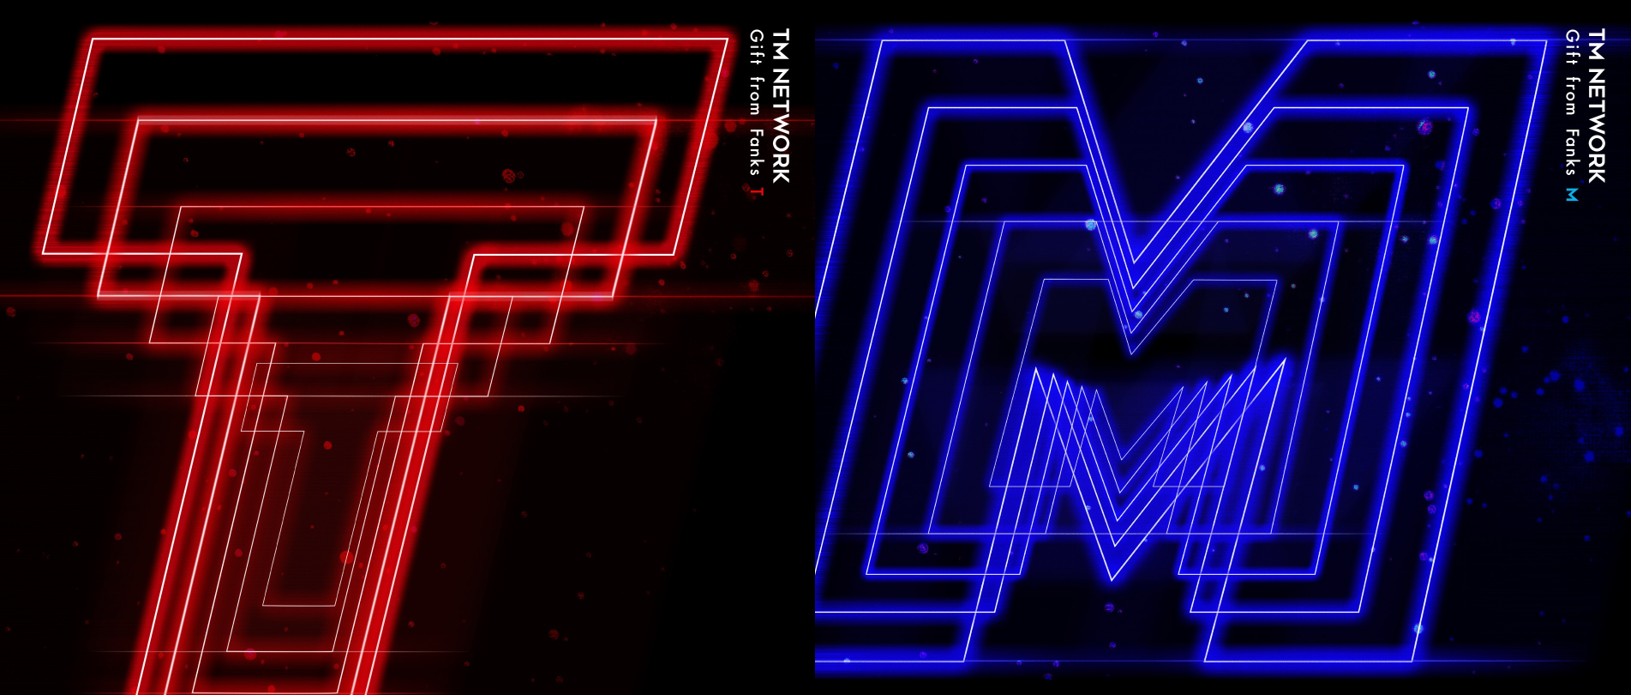 TM NETWORKがベストアルバムを発売!ファン投票で一位になった曲は?